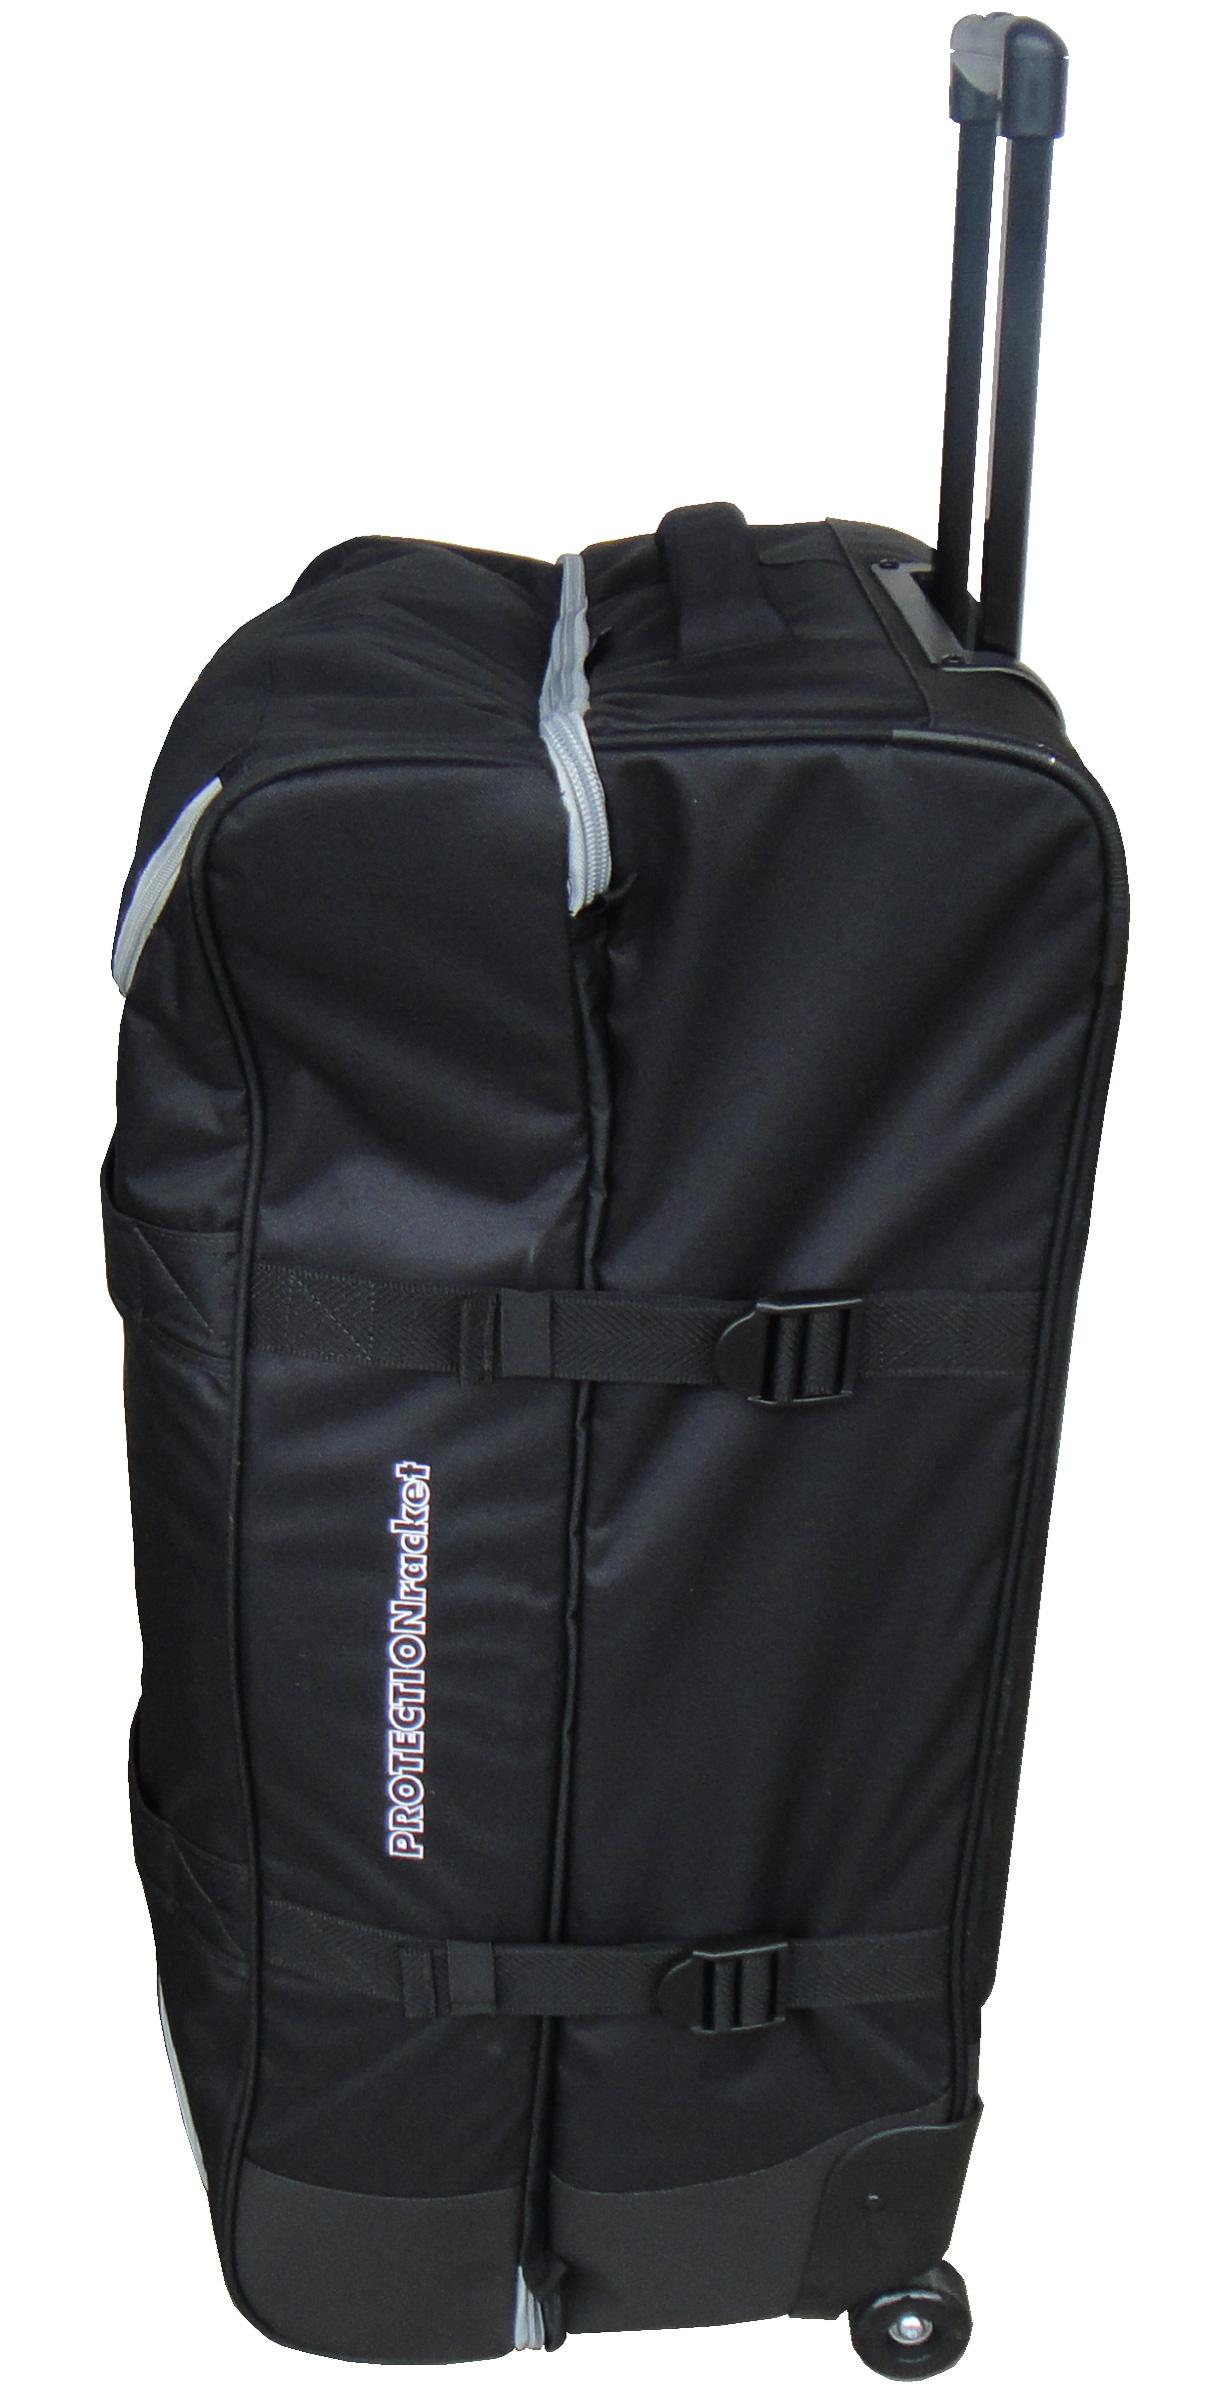 TCB Suitcase 65ltr